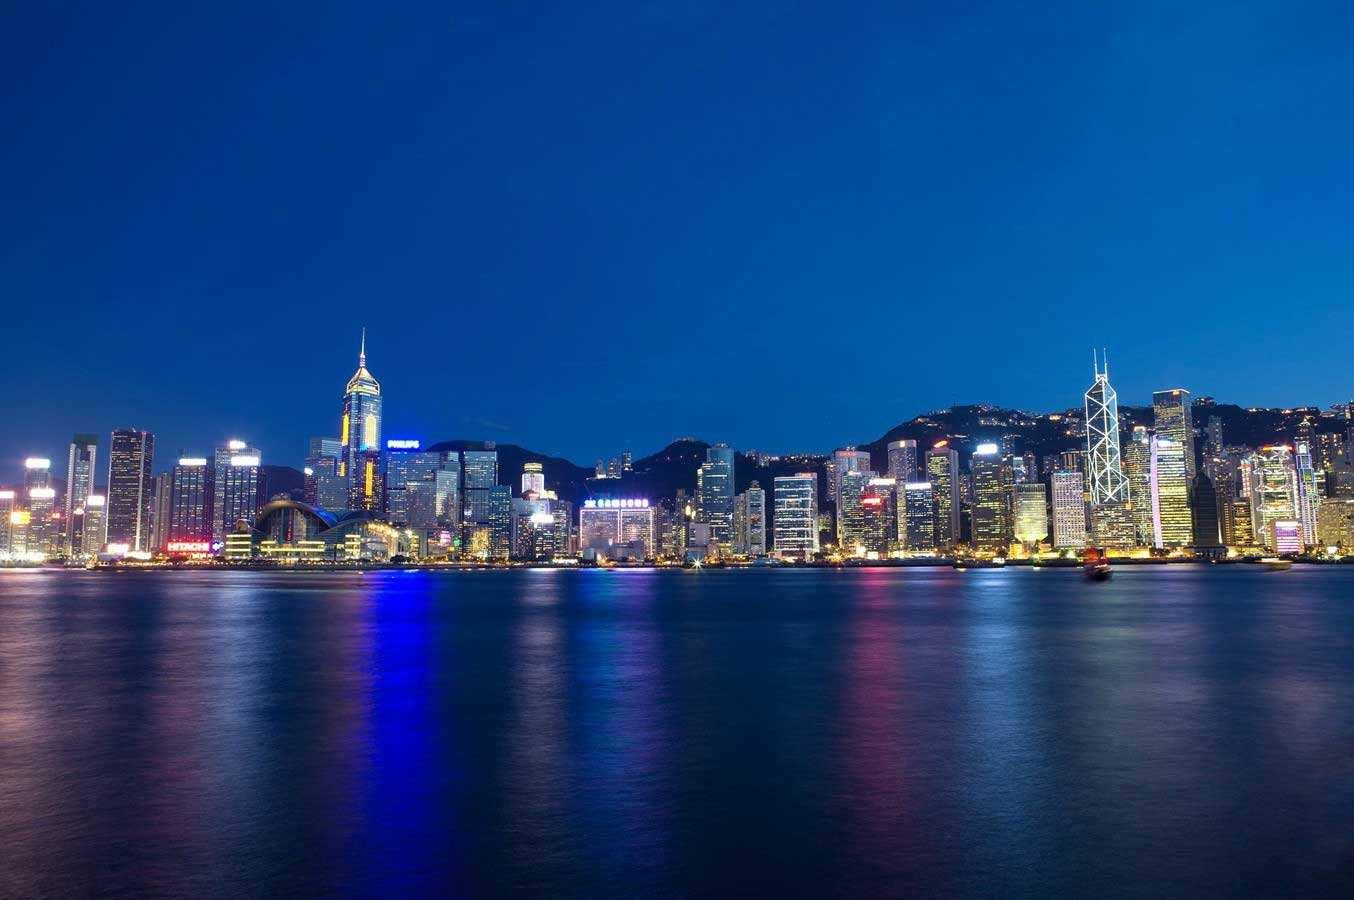 第十七届全球城市竞争力排行榜(TOP10)